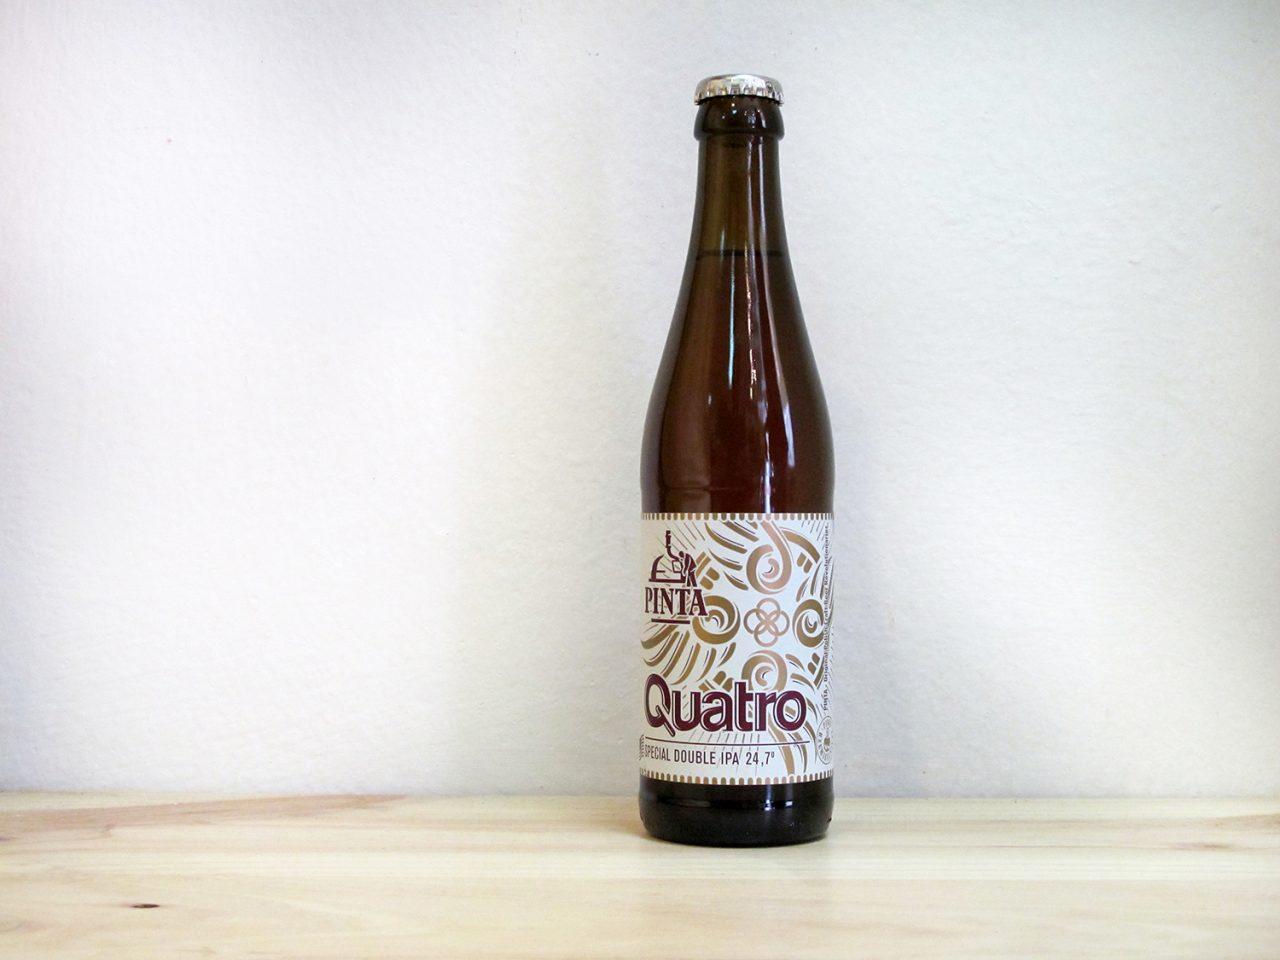 Botella de Cerveza polaca Pinta Quatro Special Double IPA